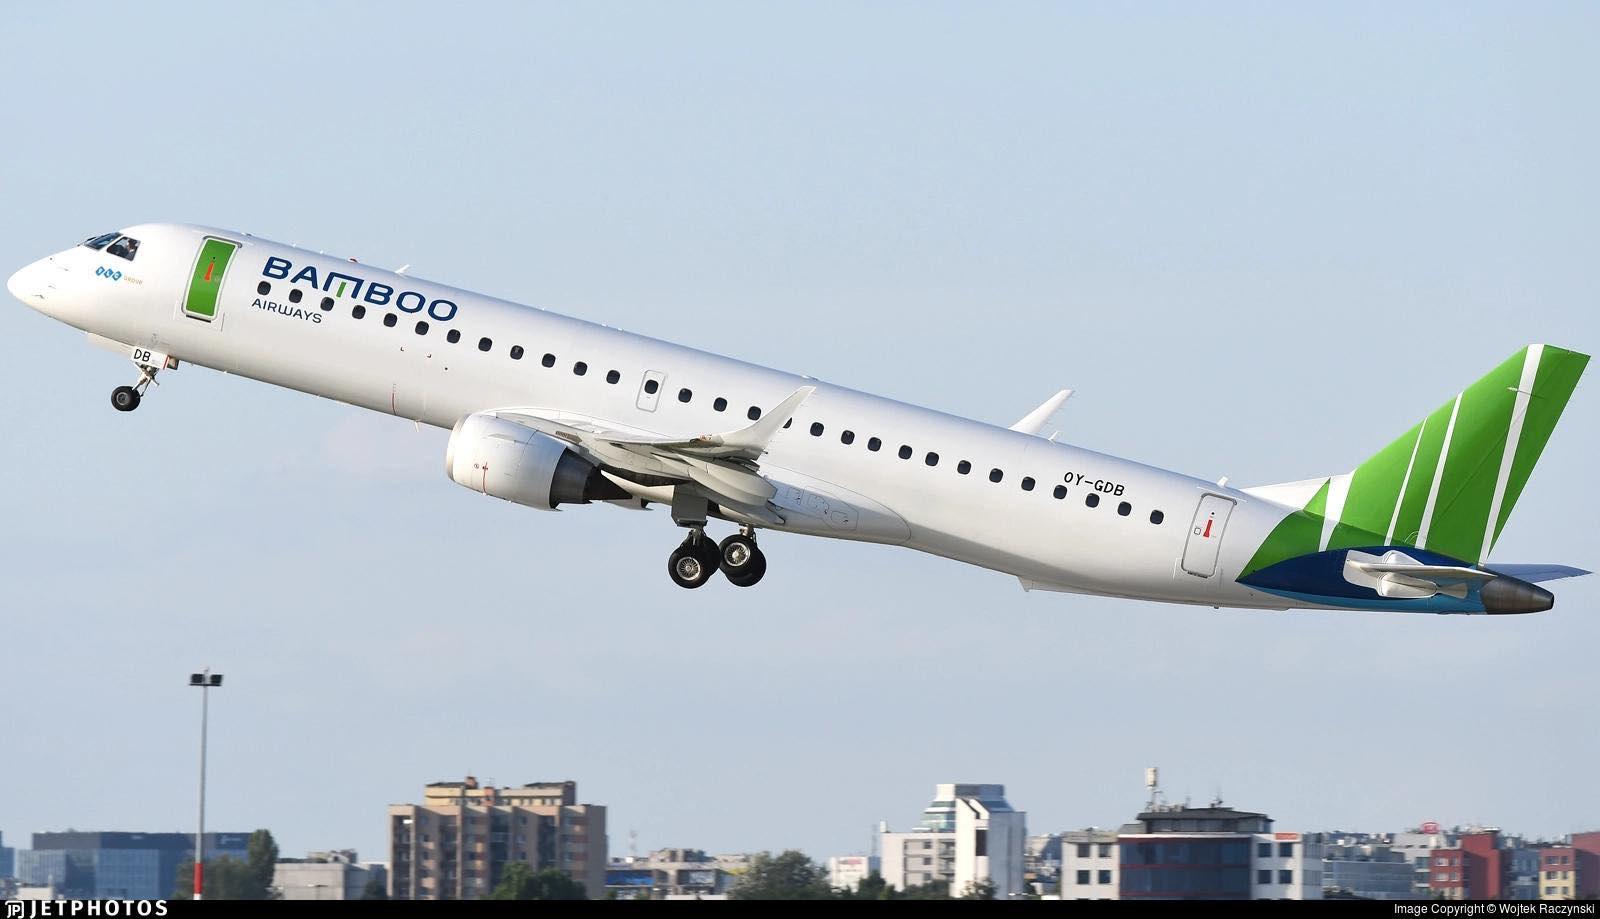 Bamboo Airways khai thác máy bay chưa từng có tại Việt Nam bay tới Côn Đảo - Ảnh 1.